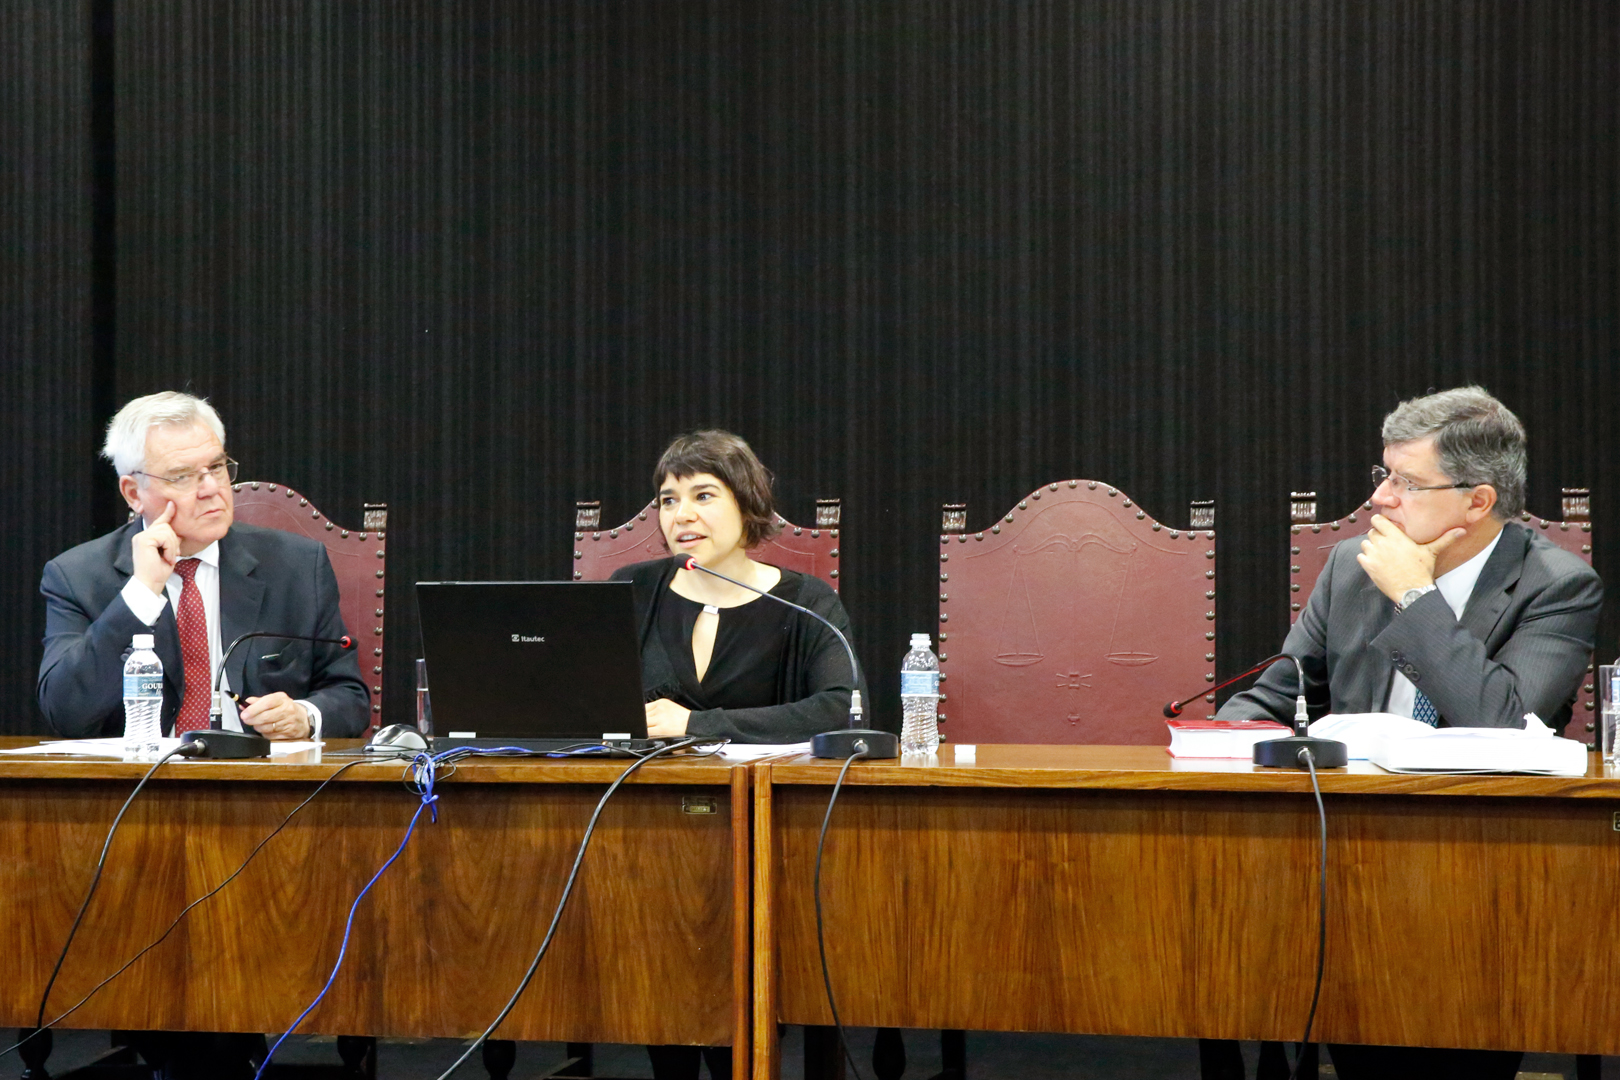 EPM promove palestra sobre seguros de responsabilidade civil e agravamento do risco no Gade 23 de Maio